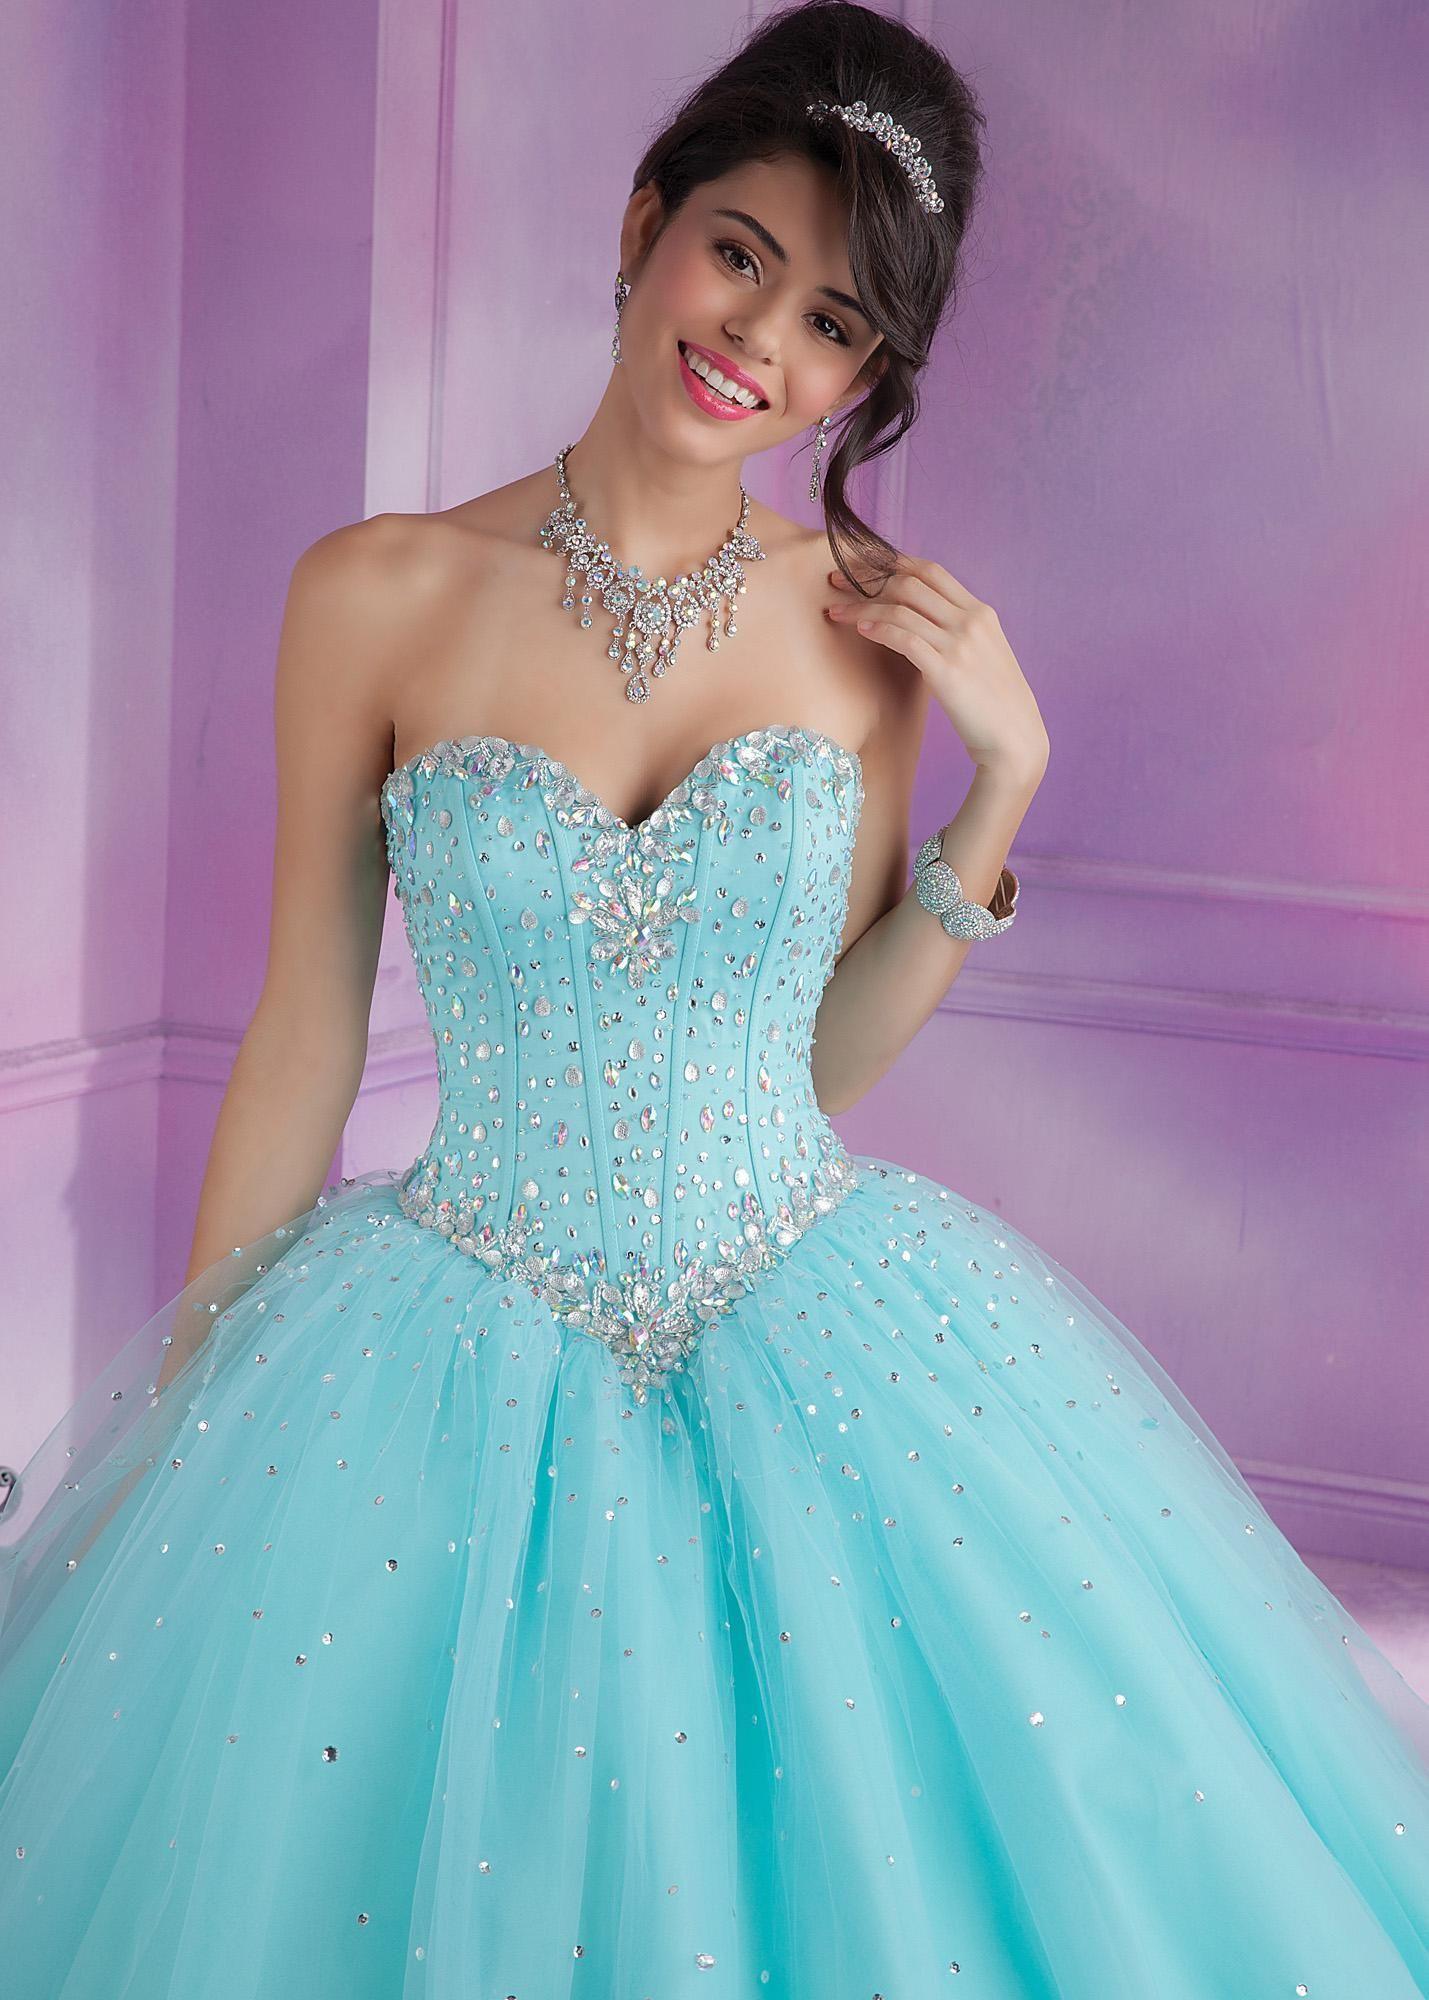 70aa12a1d5 Vizcaya 89017 - Aqua Strapless Beaded Quinceanera Prom Dresses Online